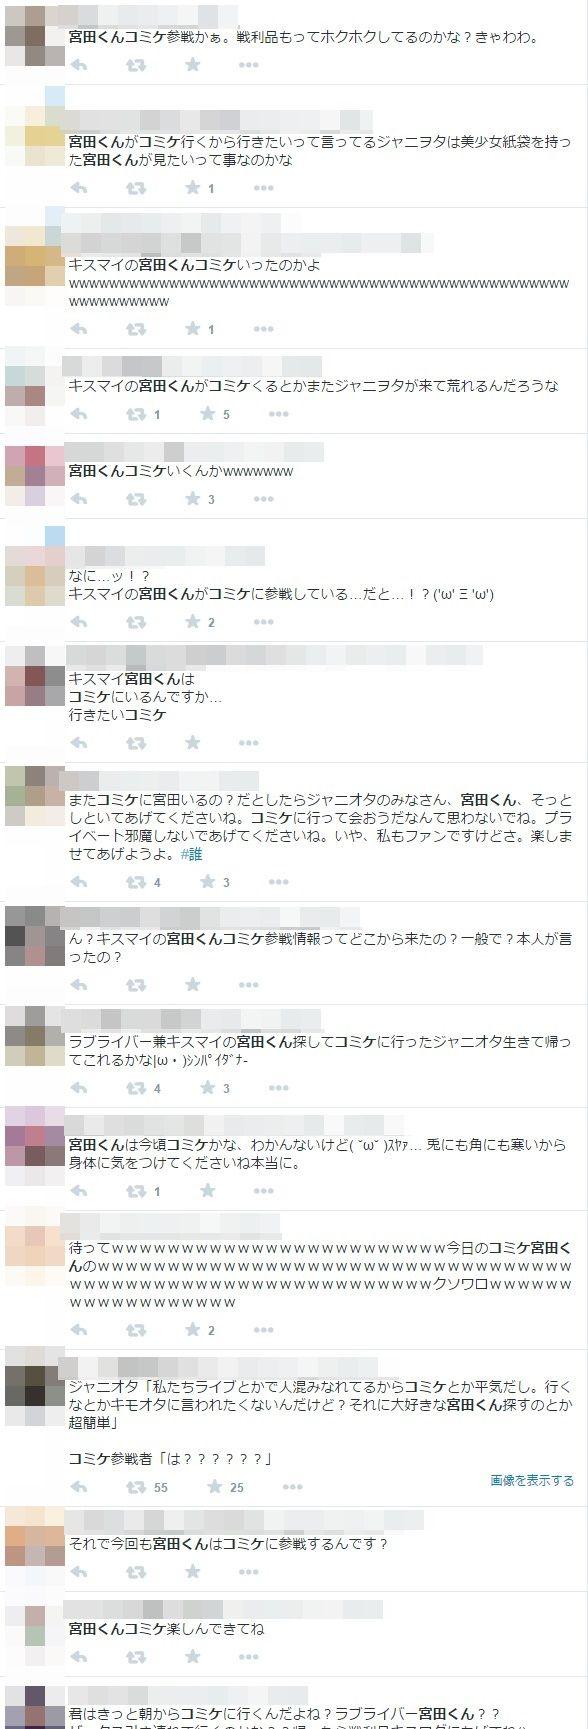 コミックマーケット コミケ 宮田俊哉に関連した画像-04